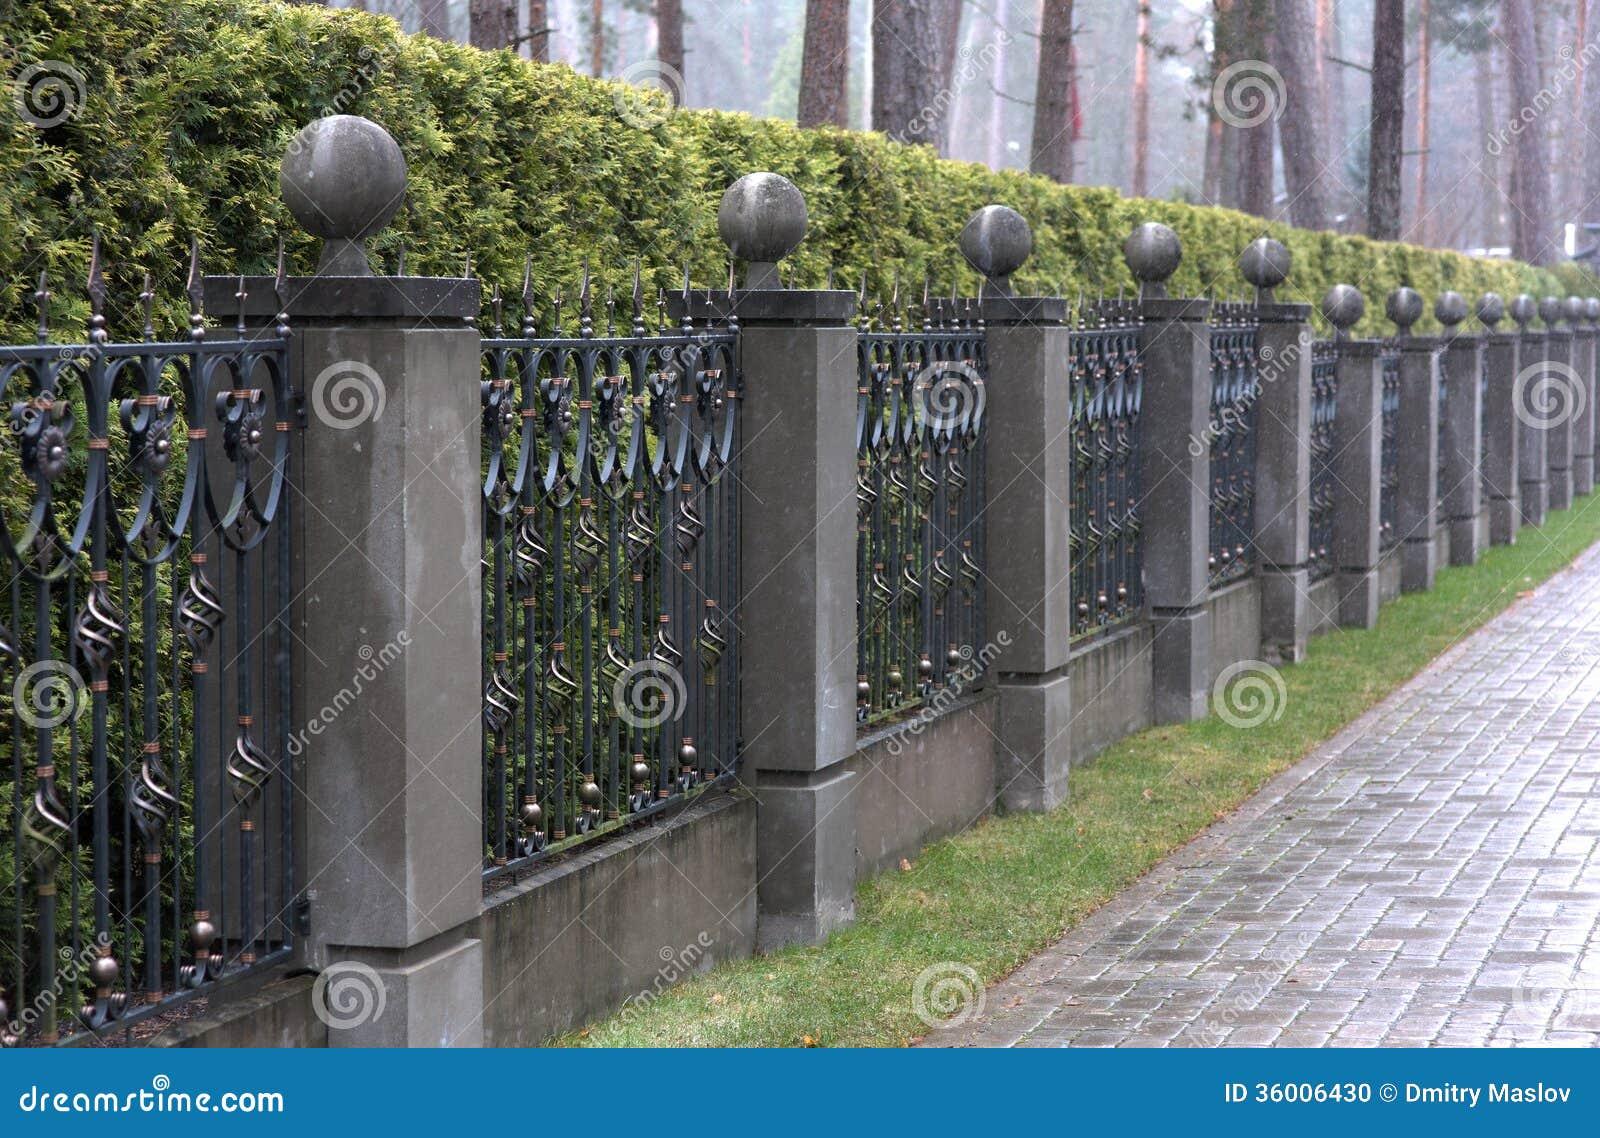 Cerca del hierro con los pilares de piedra foto de archivo imagen de outdoors configuraci n - Pilares de hierro ...